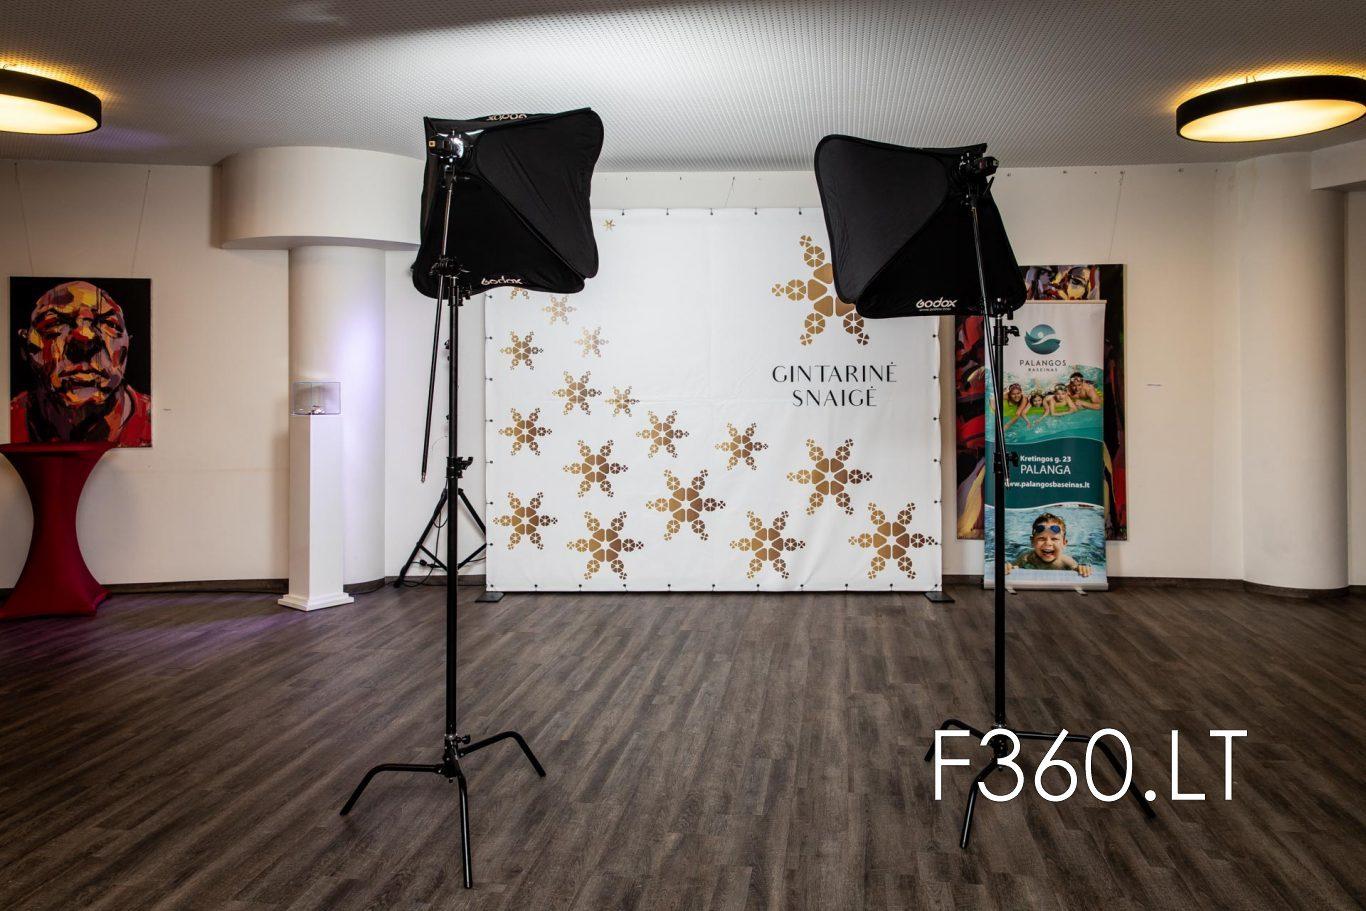 Apsvietimas Prie Fotosieneles F360.lt 3t4a3282